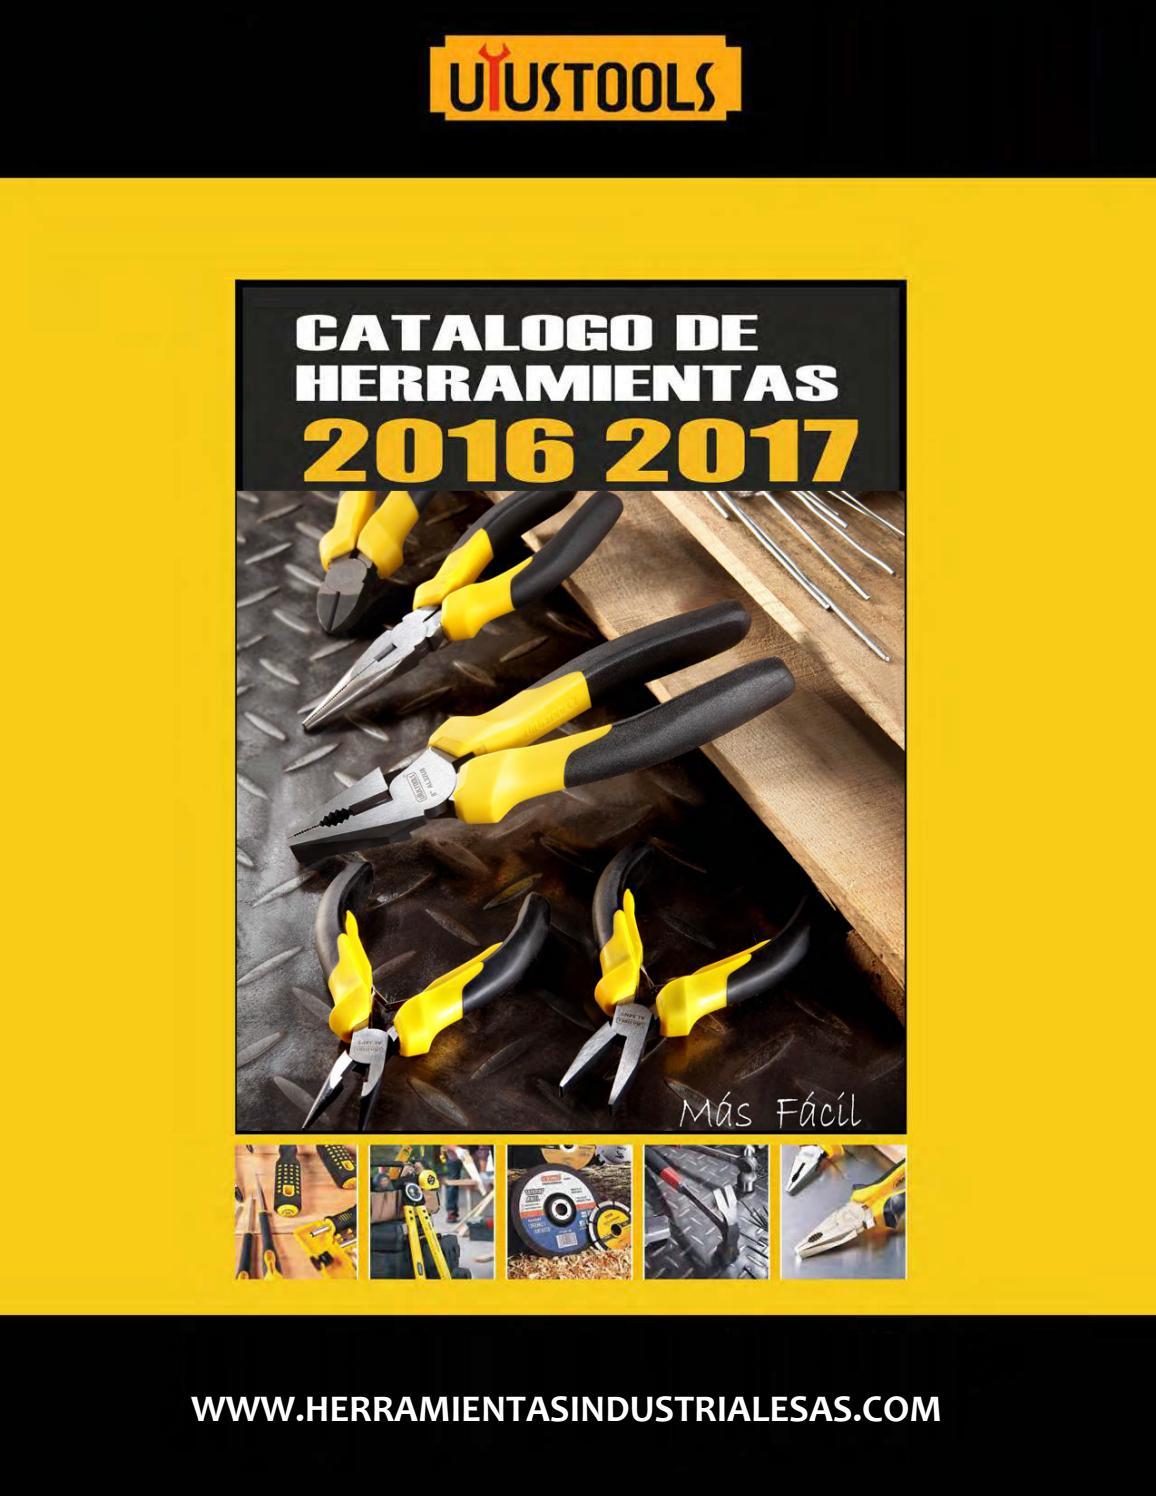 Acero al carbono de punta doblada herramienta manual alicates Circlip amarillo 16,51 cm